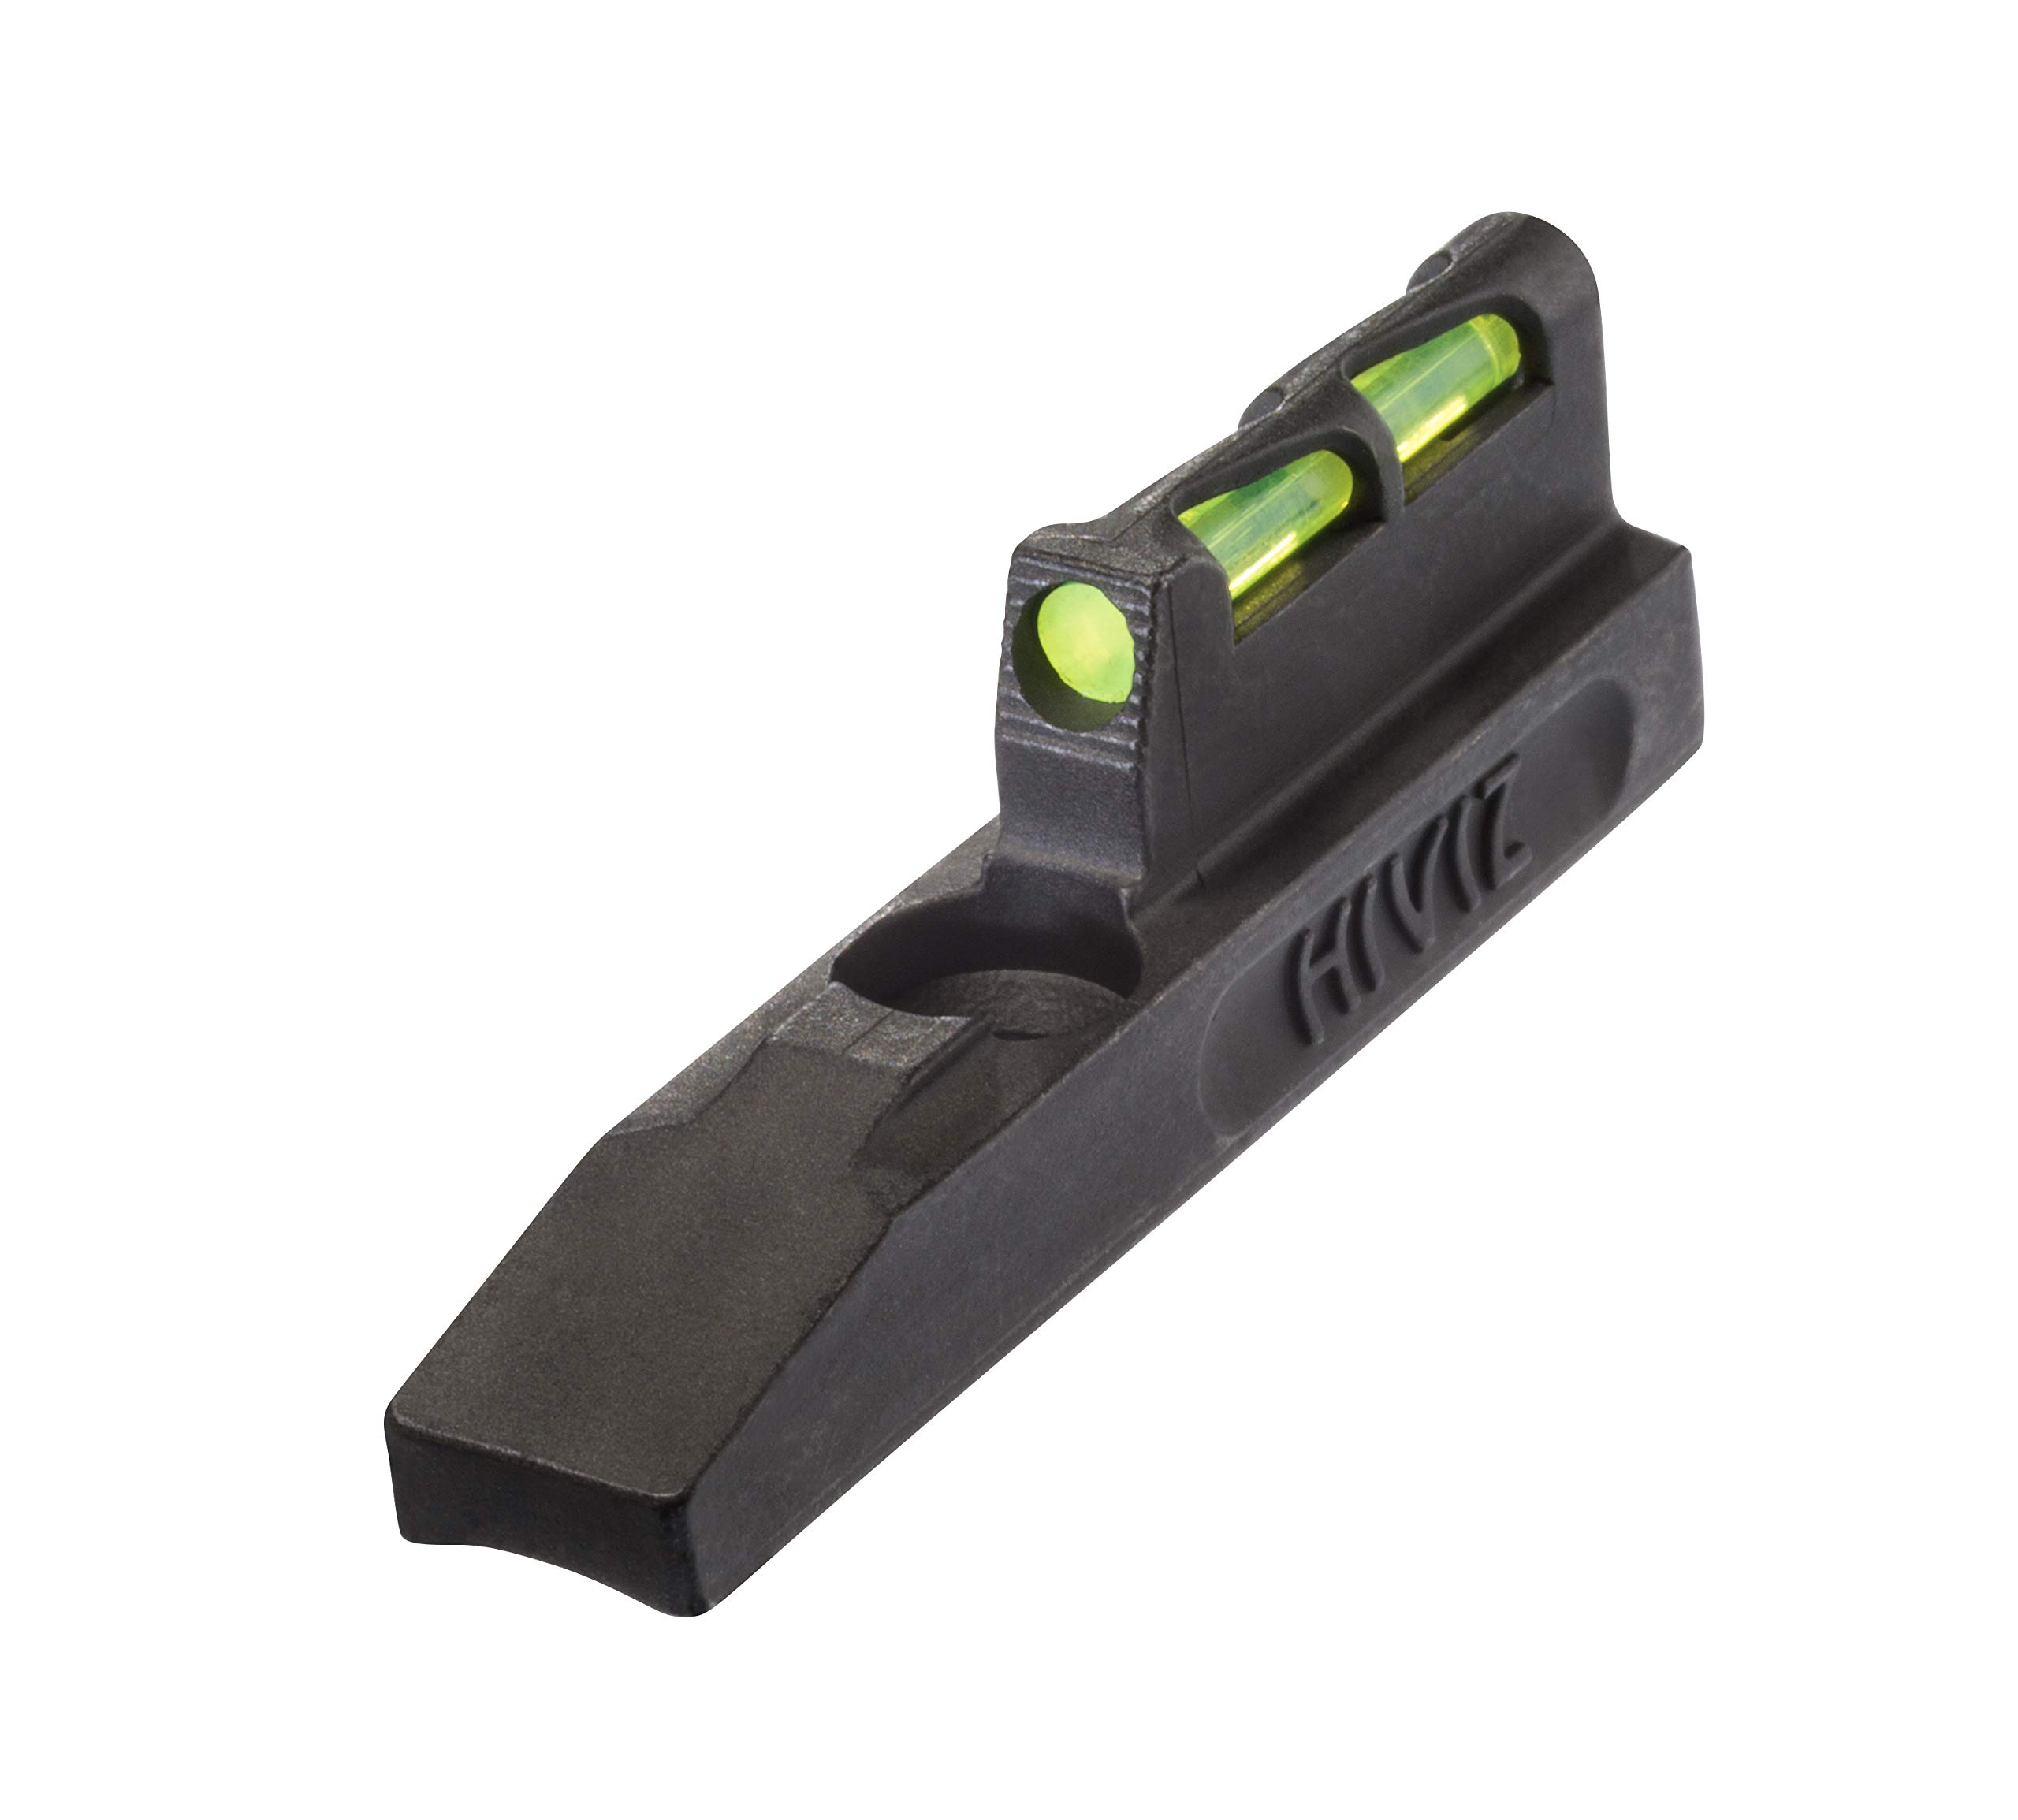 HIVIZ RG2245LLW01 Interchangeable Front Handgun Sight for Ruger 22/45 Lite Model by HIVIZ